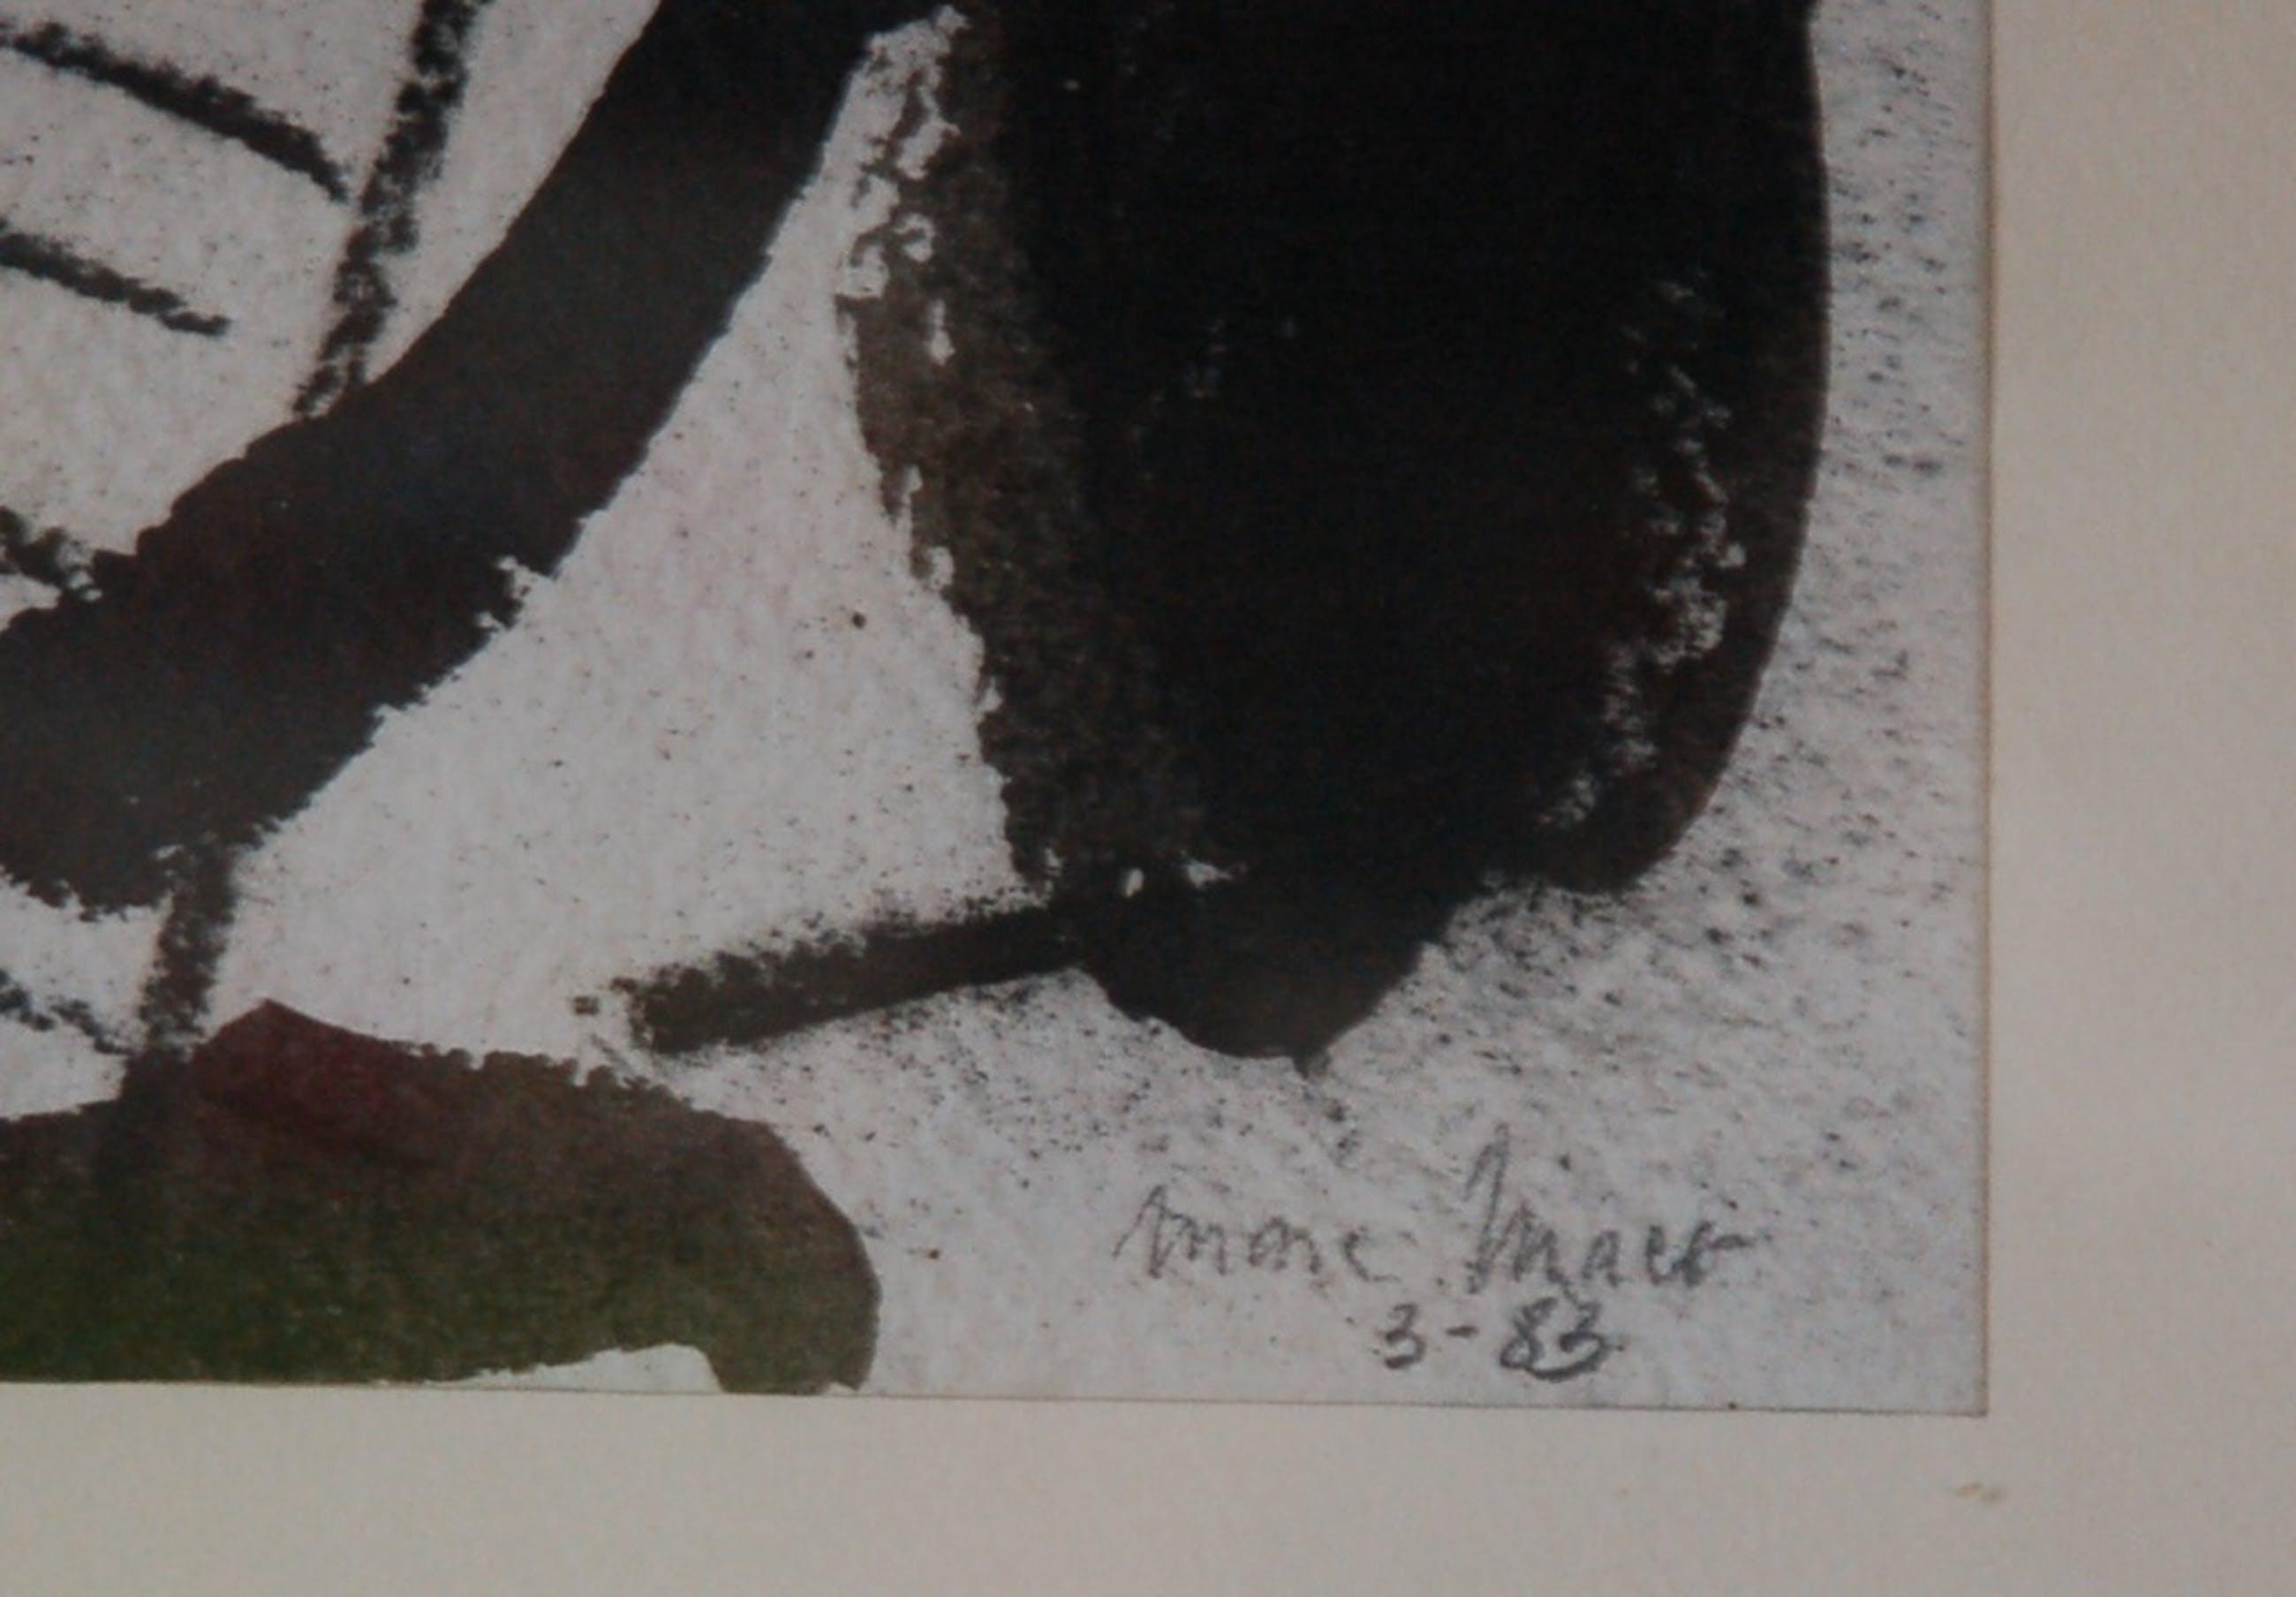 Marc Maet, Stilleven uit 1983 kopen? Bied vanaf 125!